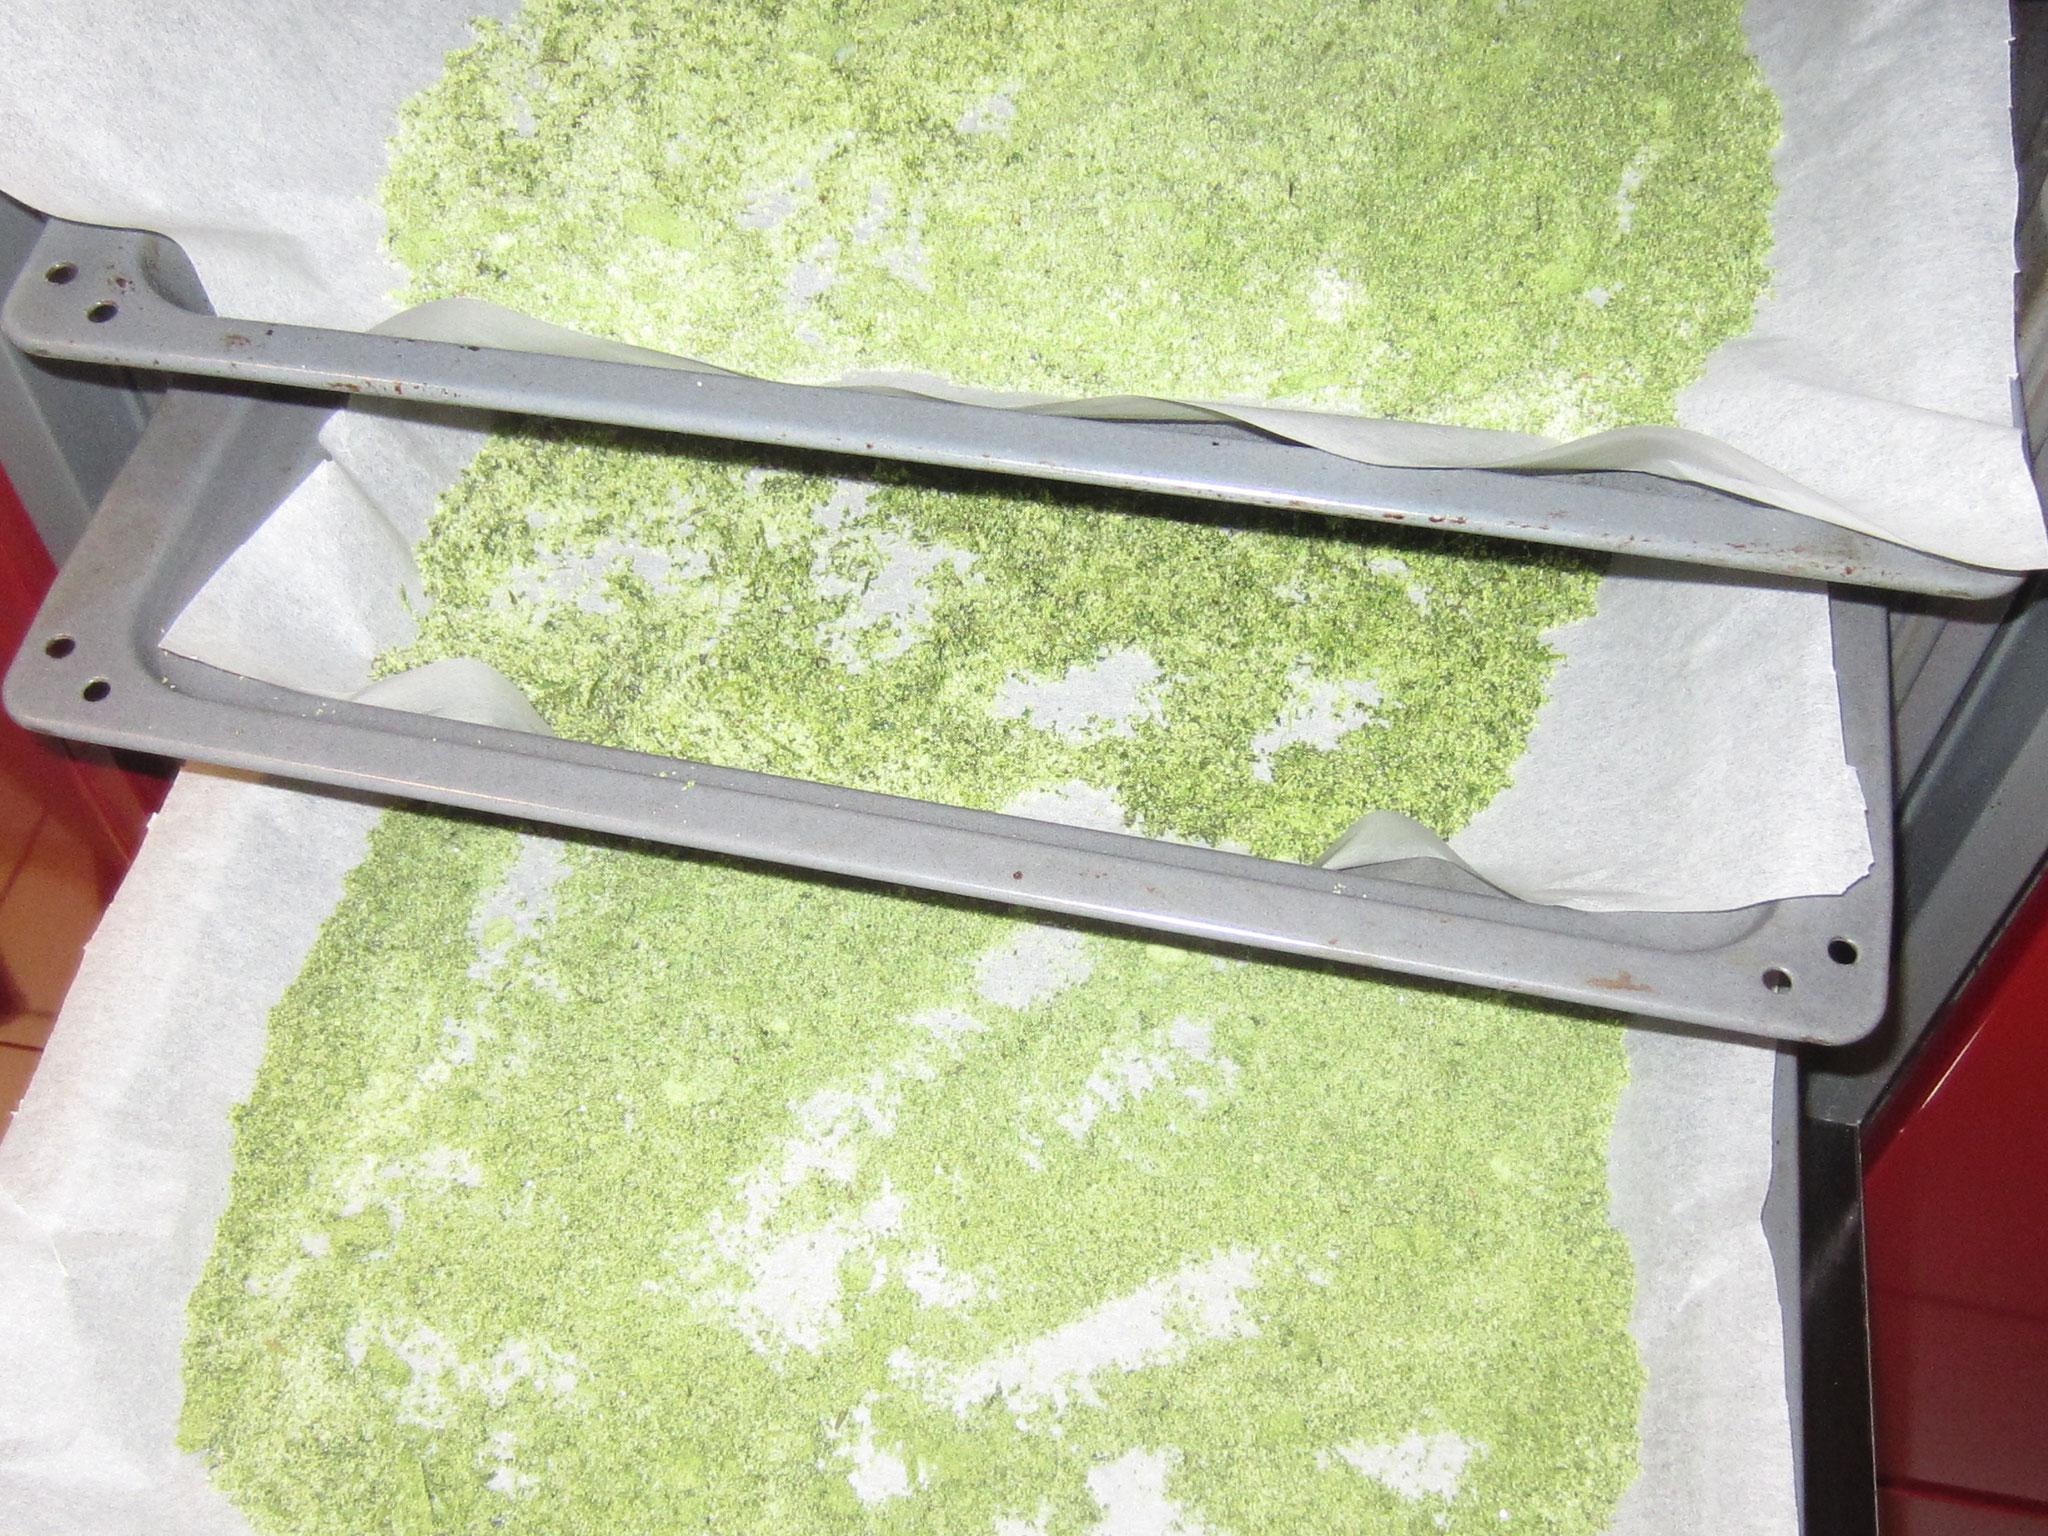 ... im leicht geöffneten backrohr bei 50°c trocknen und anschließend auskühlen lassen und ab ins glas, mit deckel verschließen